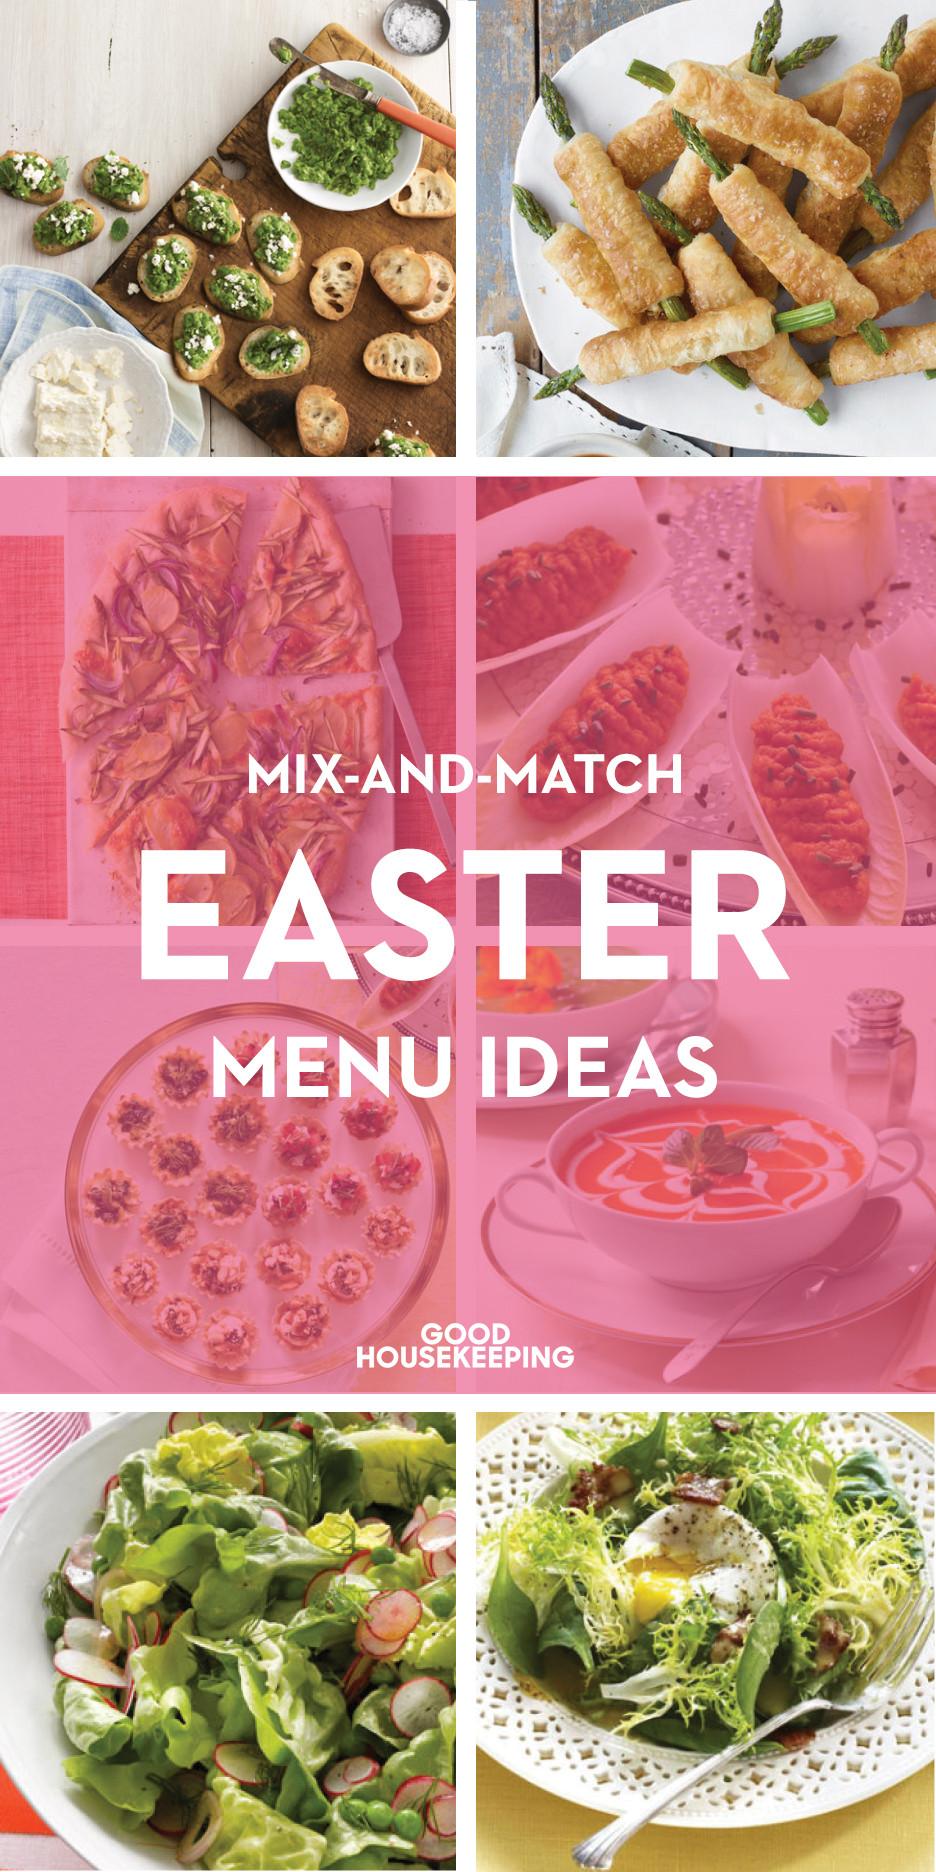 Easter Dinner Menus  65 Easter Dinner Menu Ideas Easy Recipes for Easter Dinner